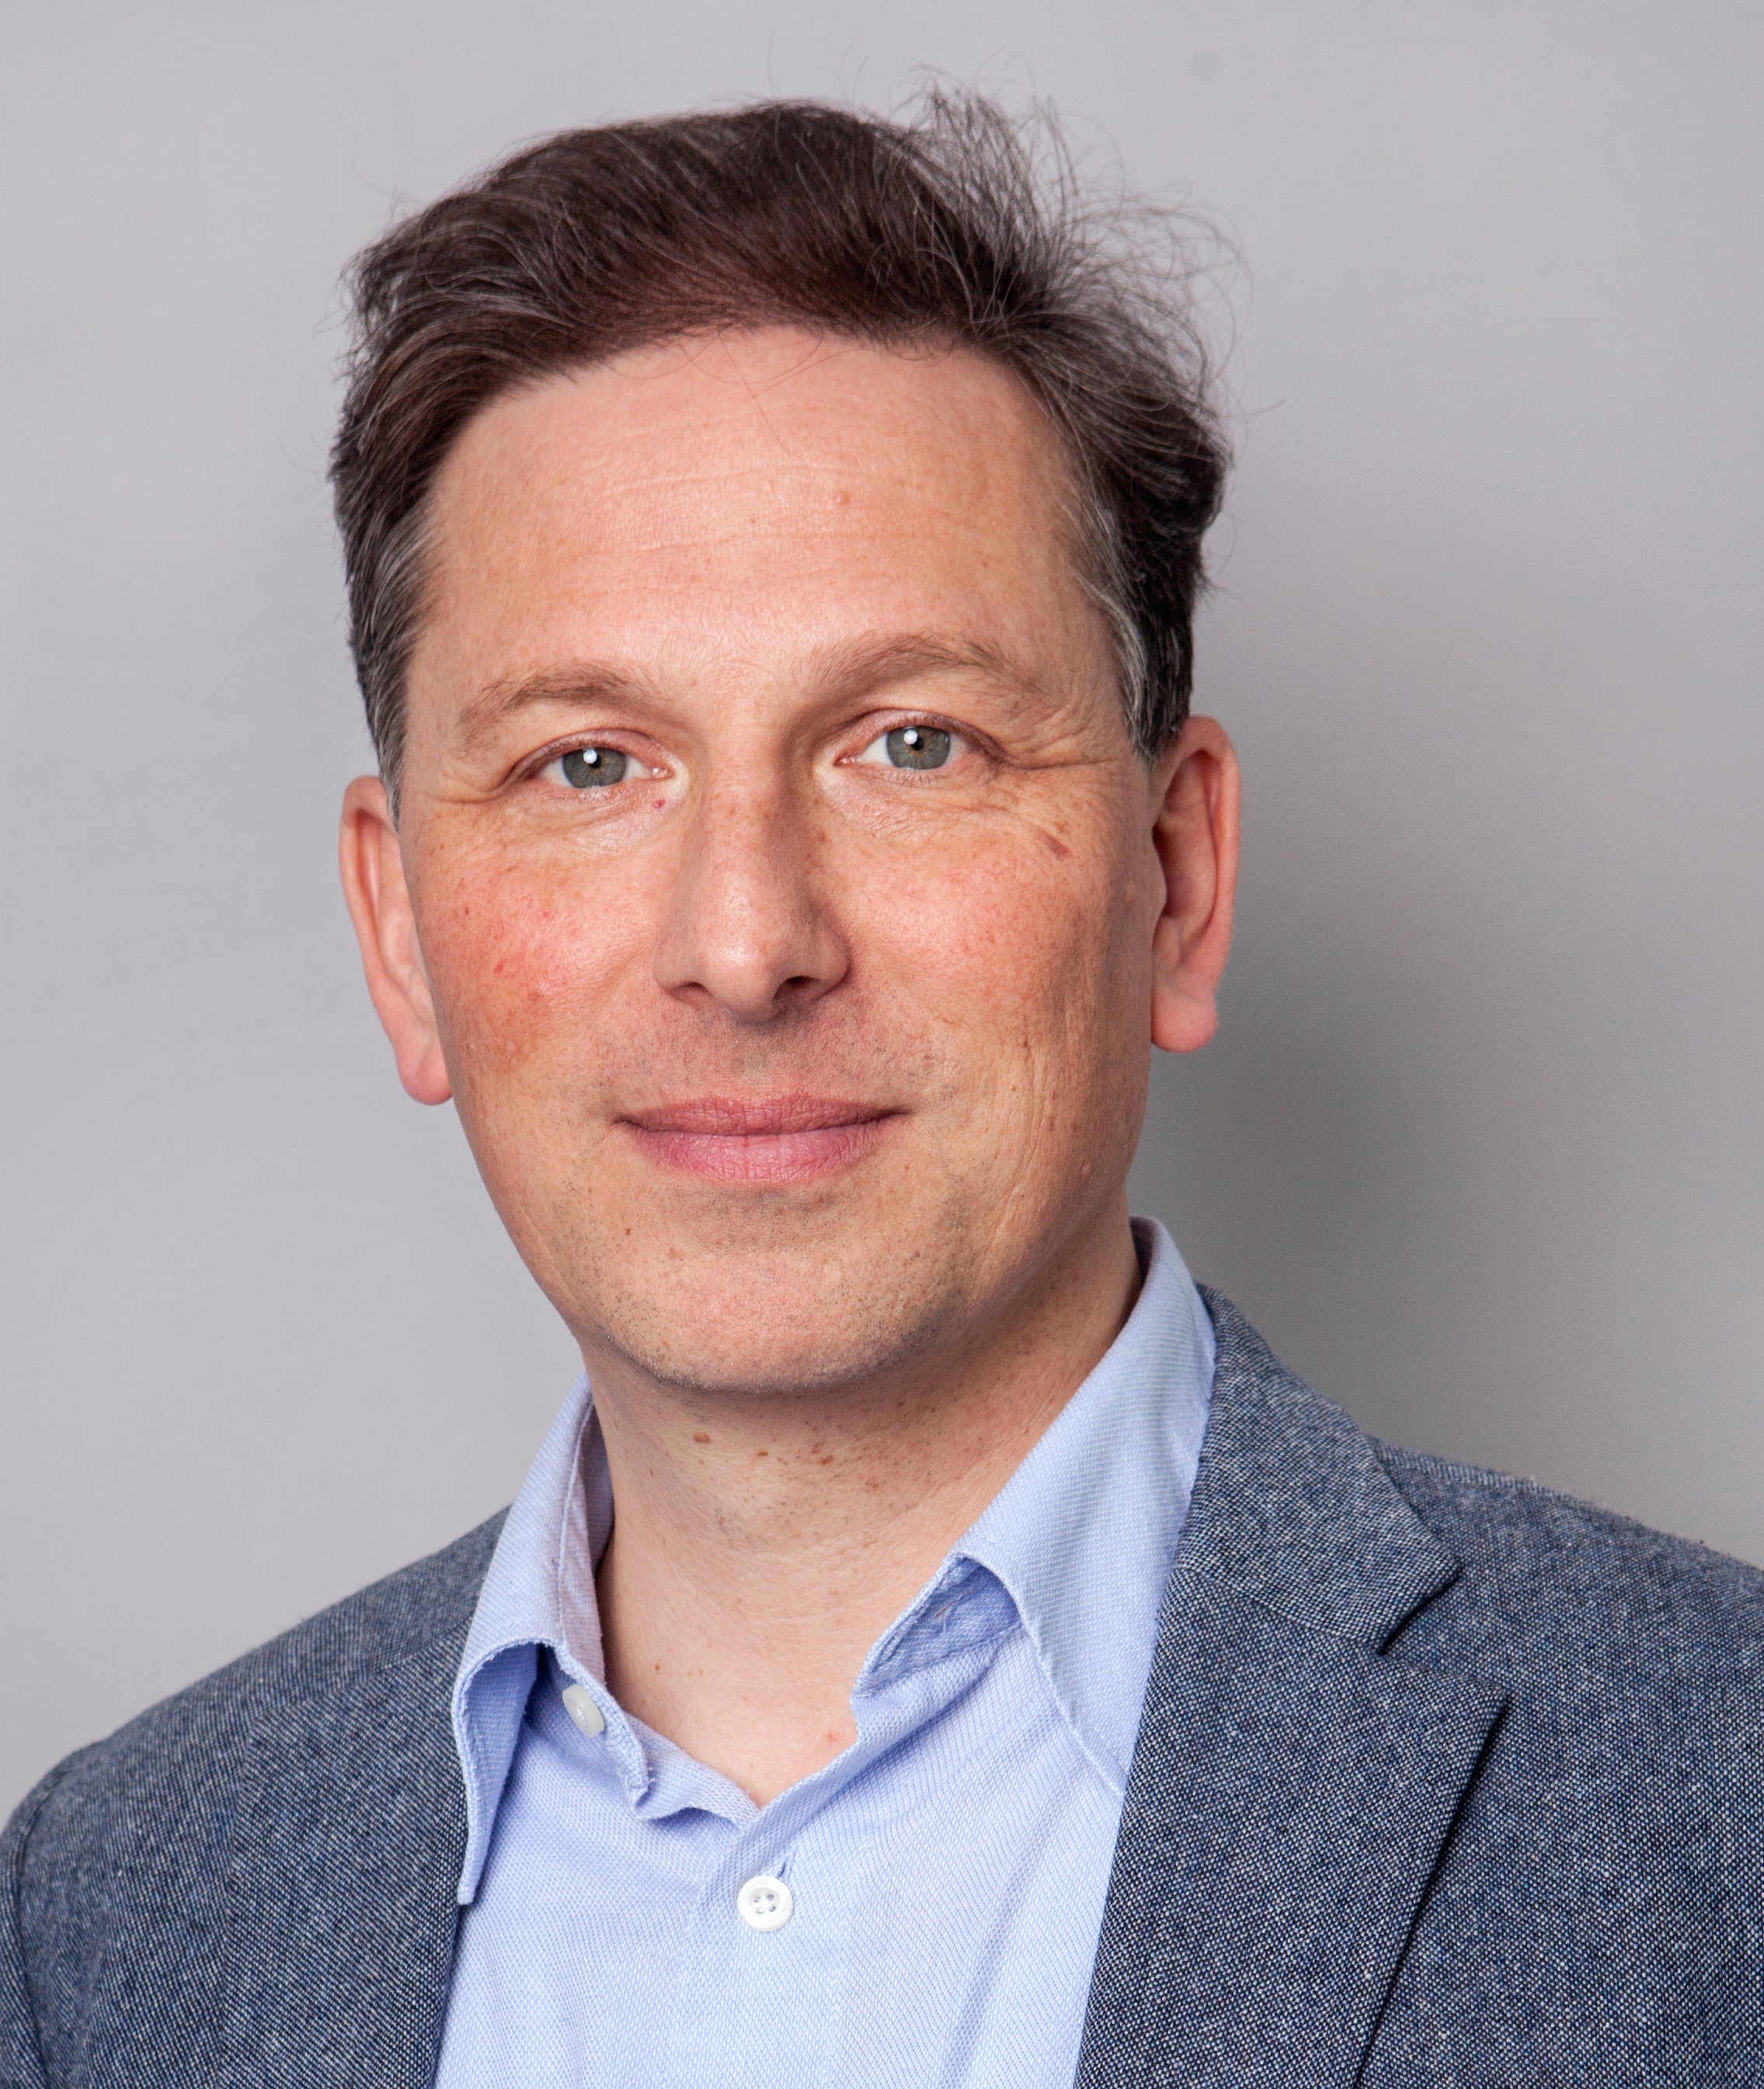 Alexander Kohnstamm